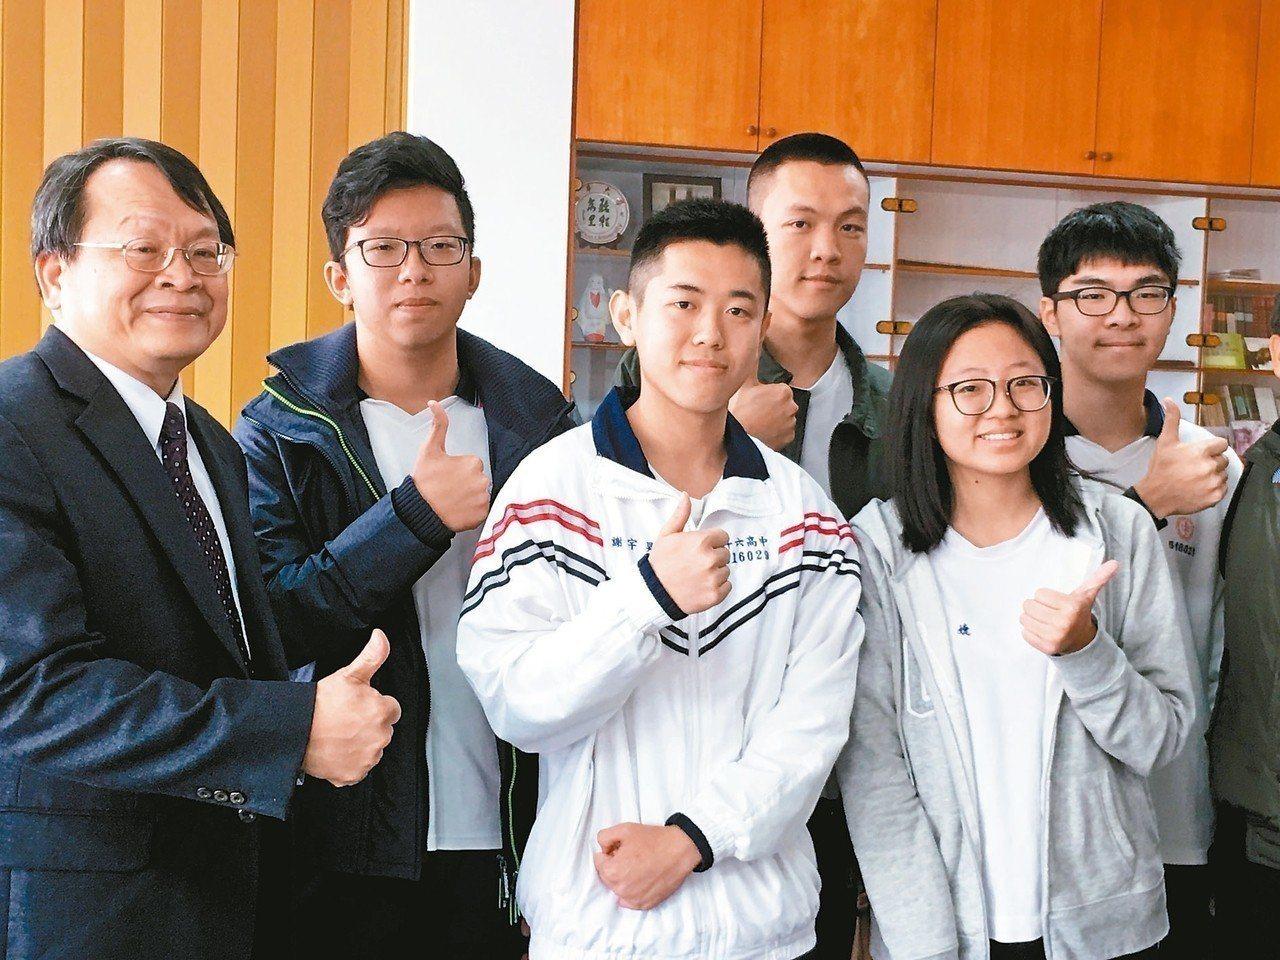 斗六高中謝宇昊(左三)3年前國中會考是雲林狀元,如今再拿下滿級分佳績。圖/資料照...